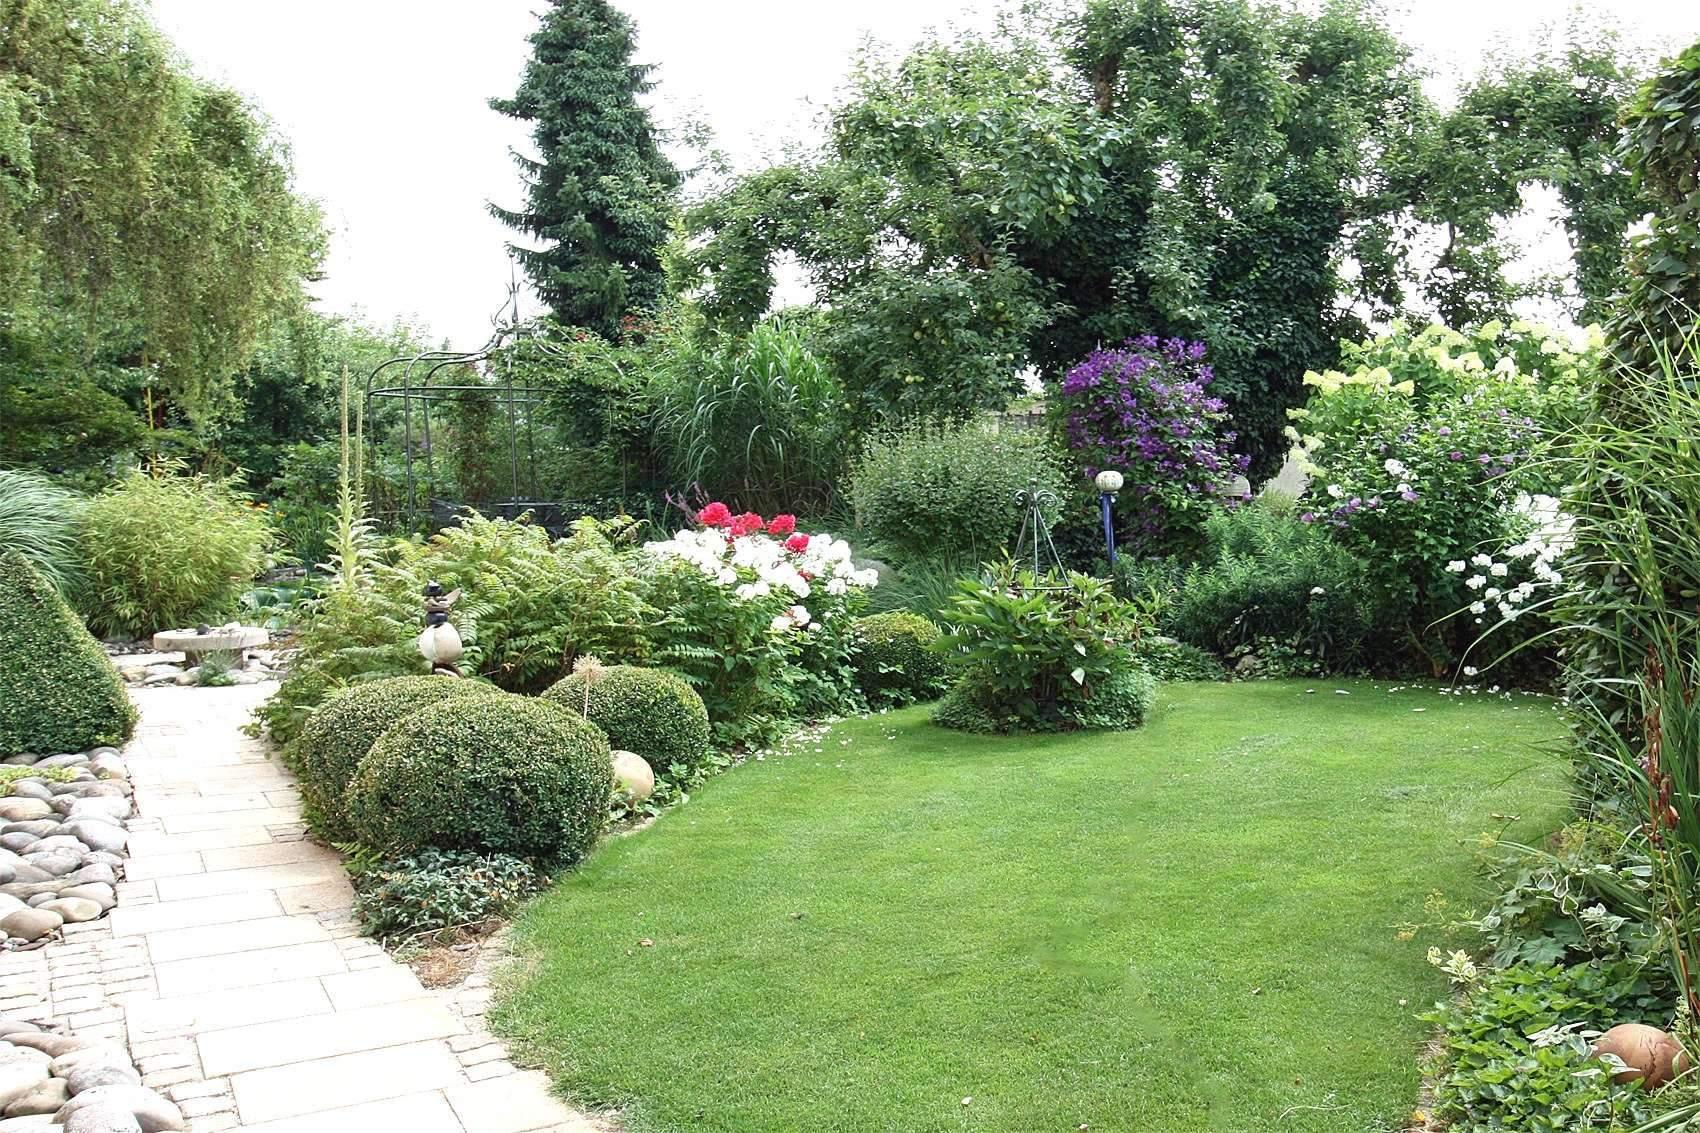 Pflegeleichter Garten Elegant 37 Frisch Pflegeleichter Garten Bilder Luxus